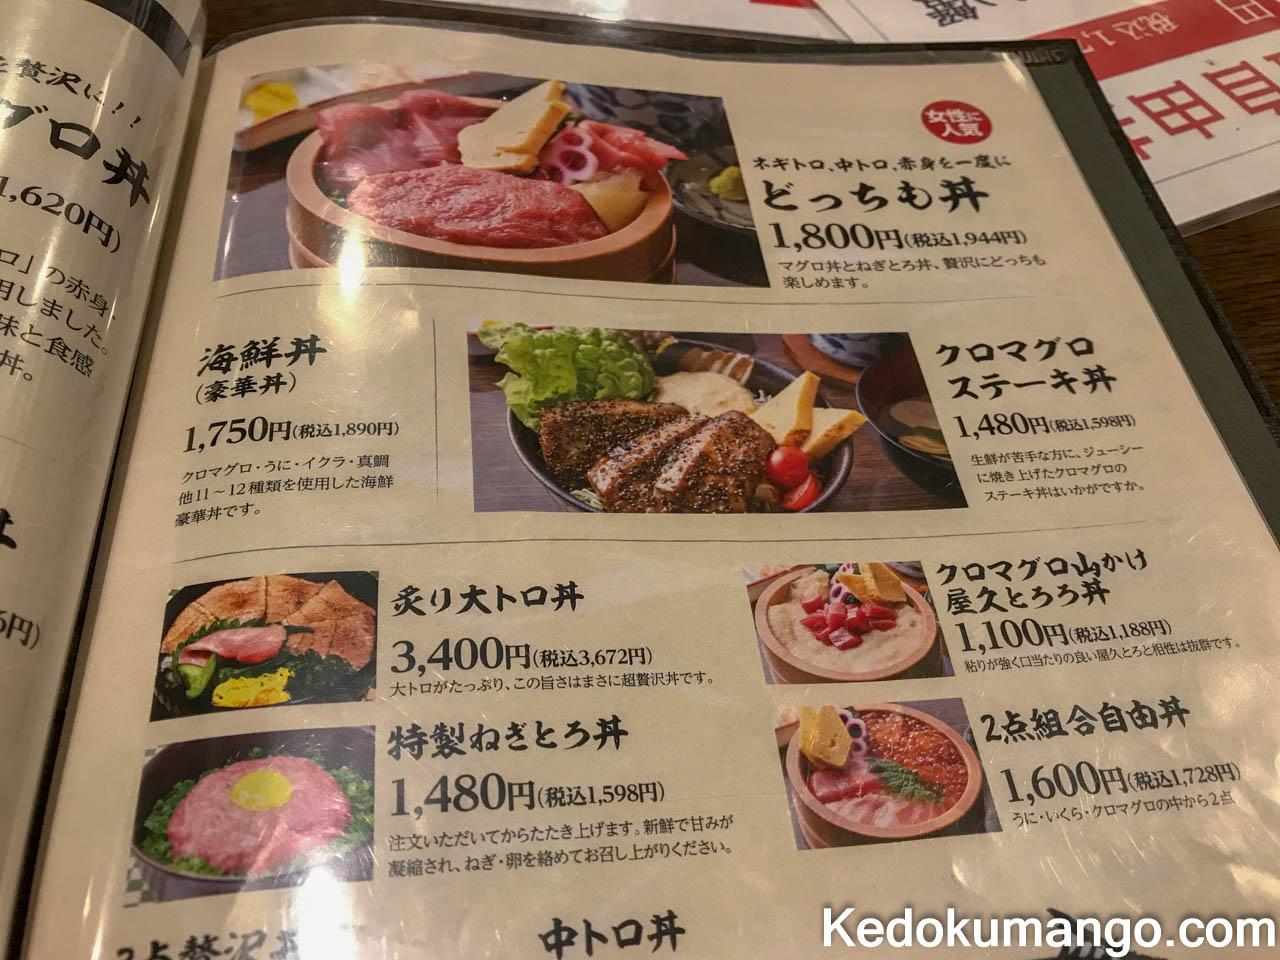 黒紋のマグロ料理のメニュー